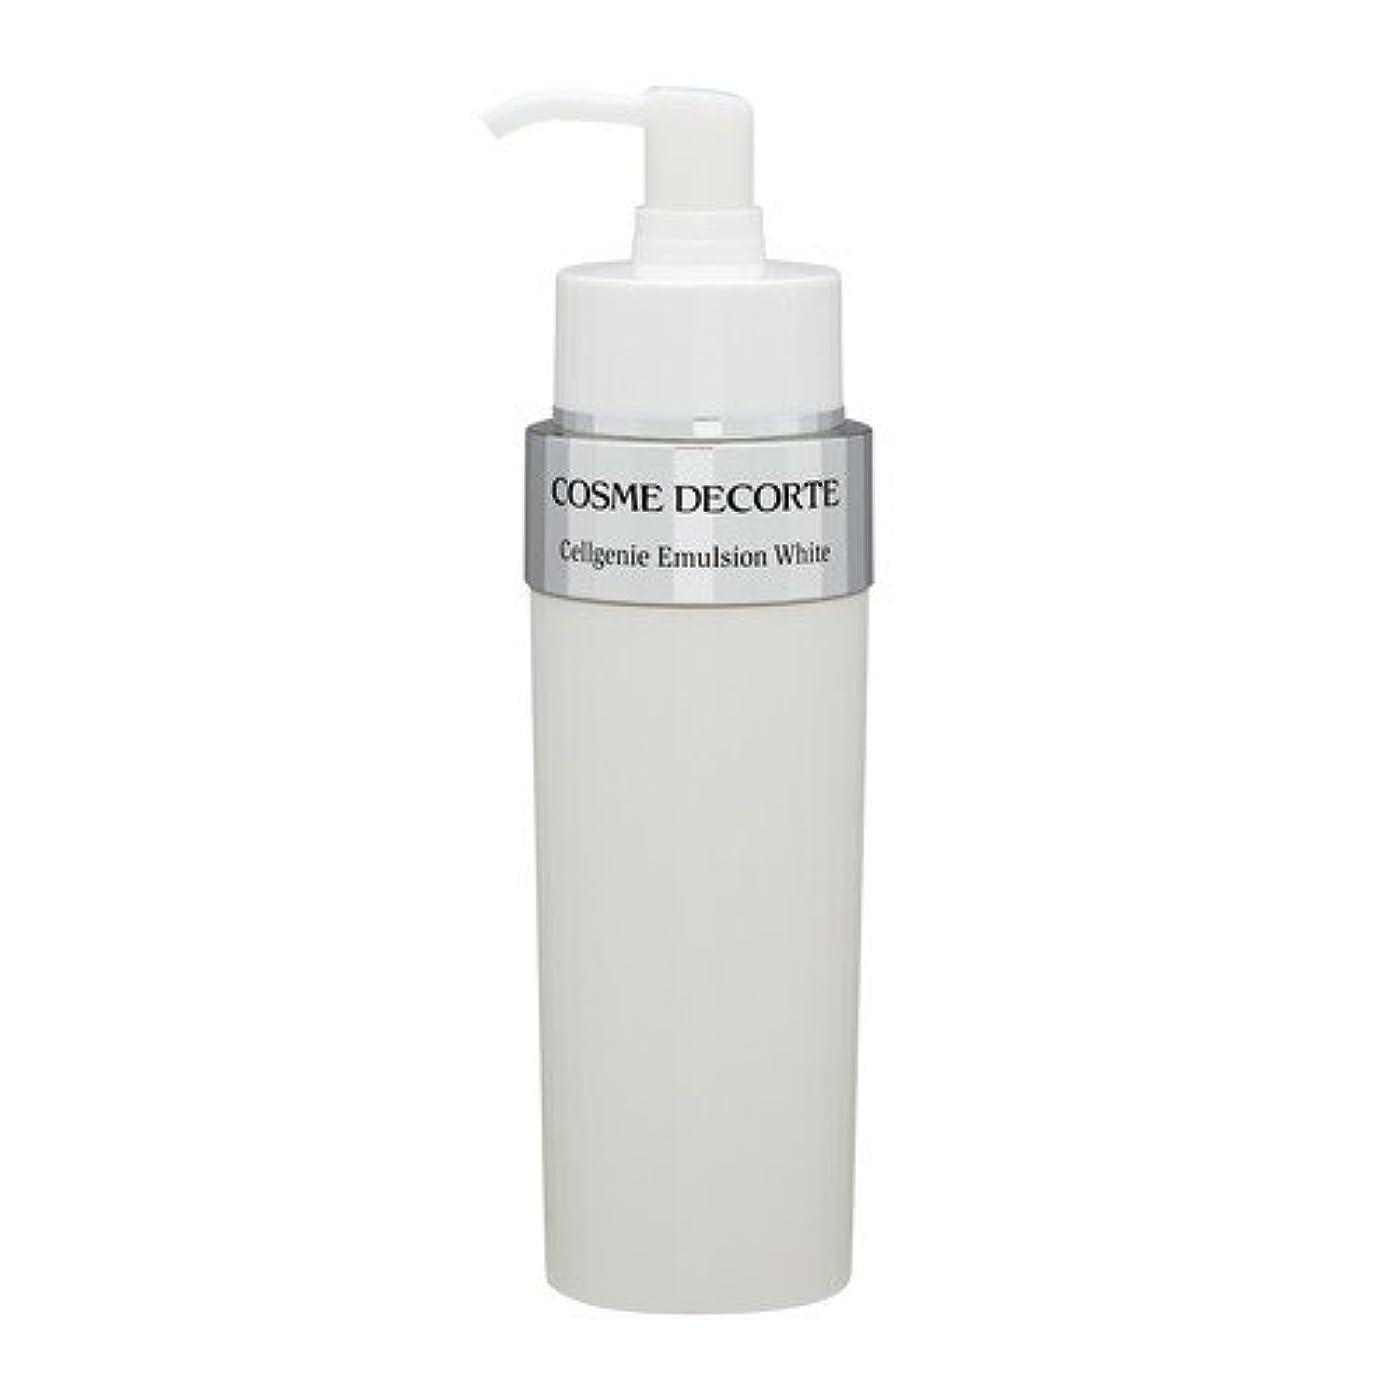 荷物許容できる渦COSME DECORTE コーセー/KOSE セルジェニーエマルジョンホワイト 200ml [362893] [並行輸入品]